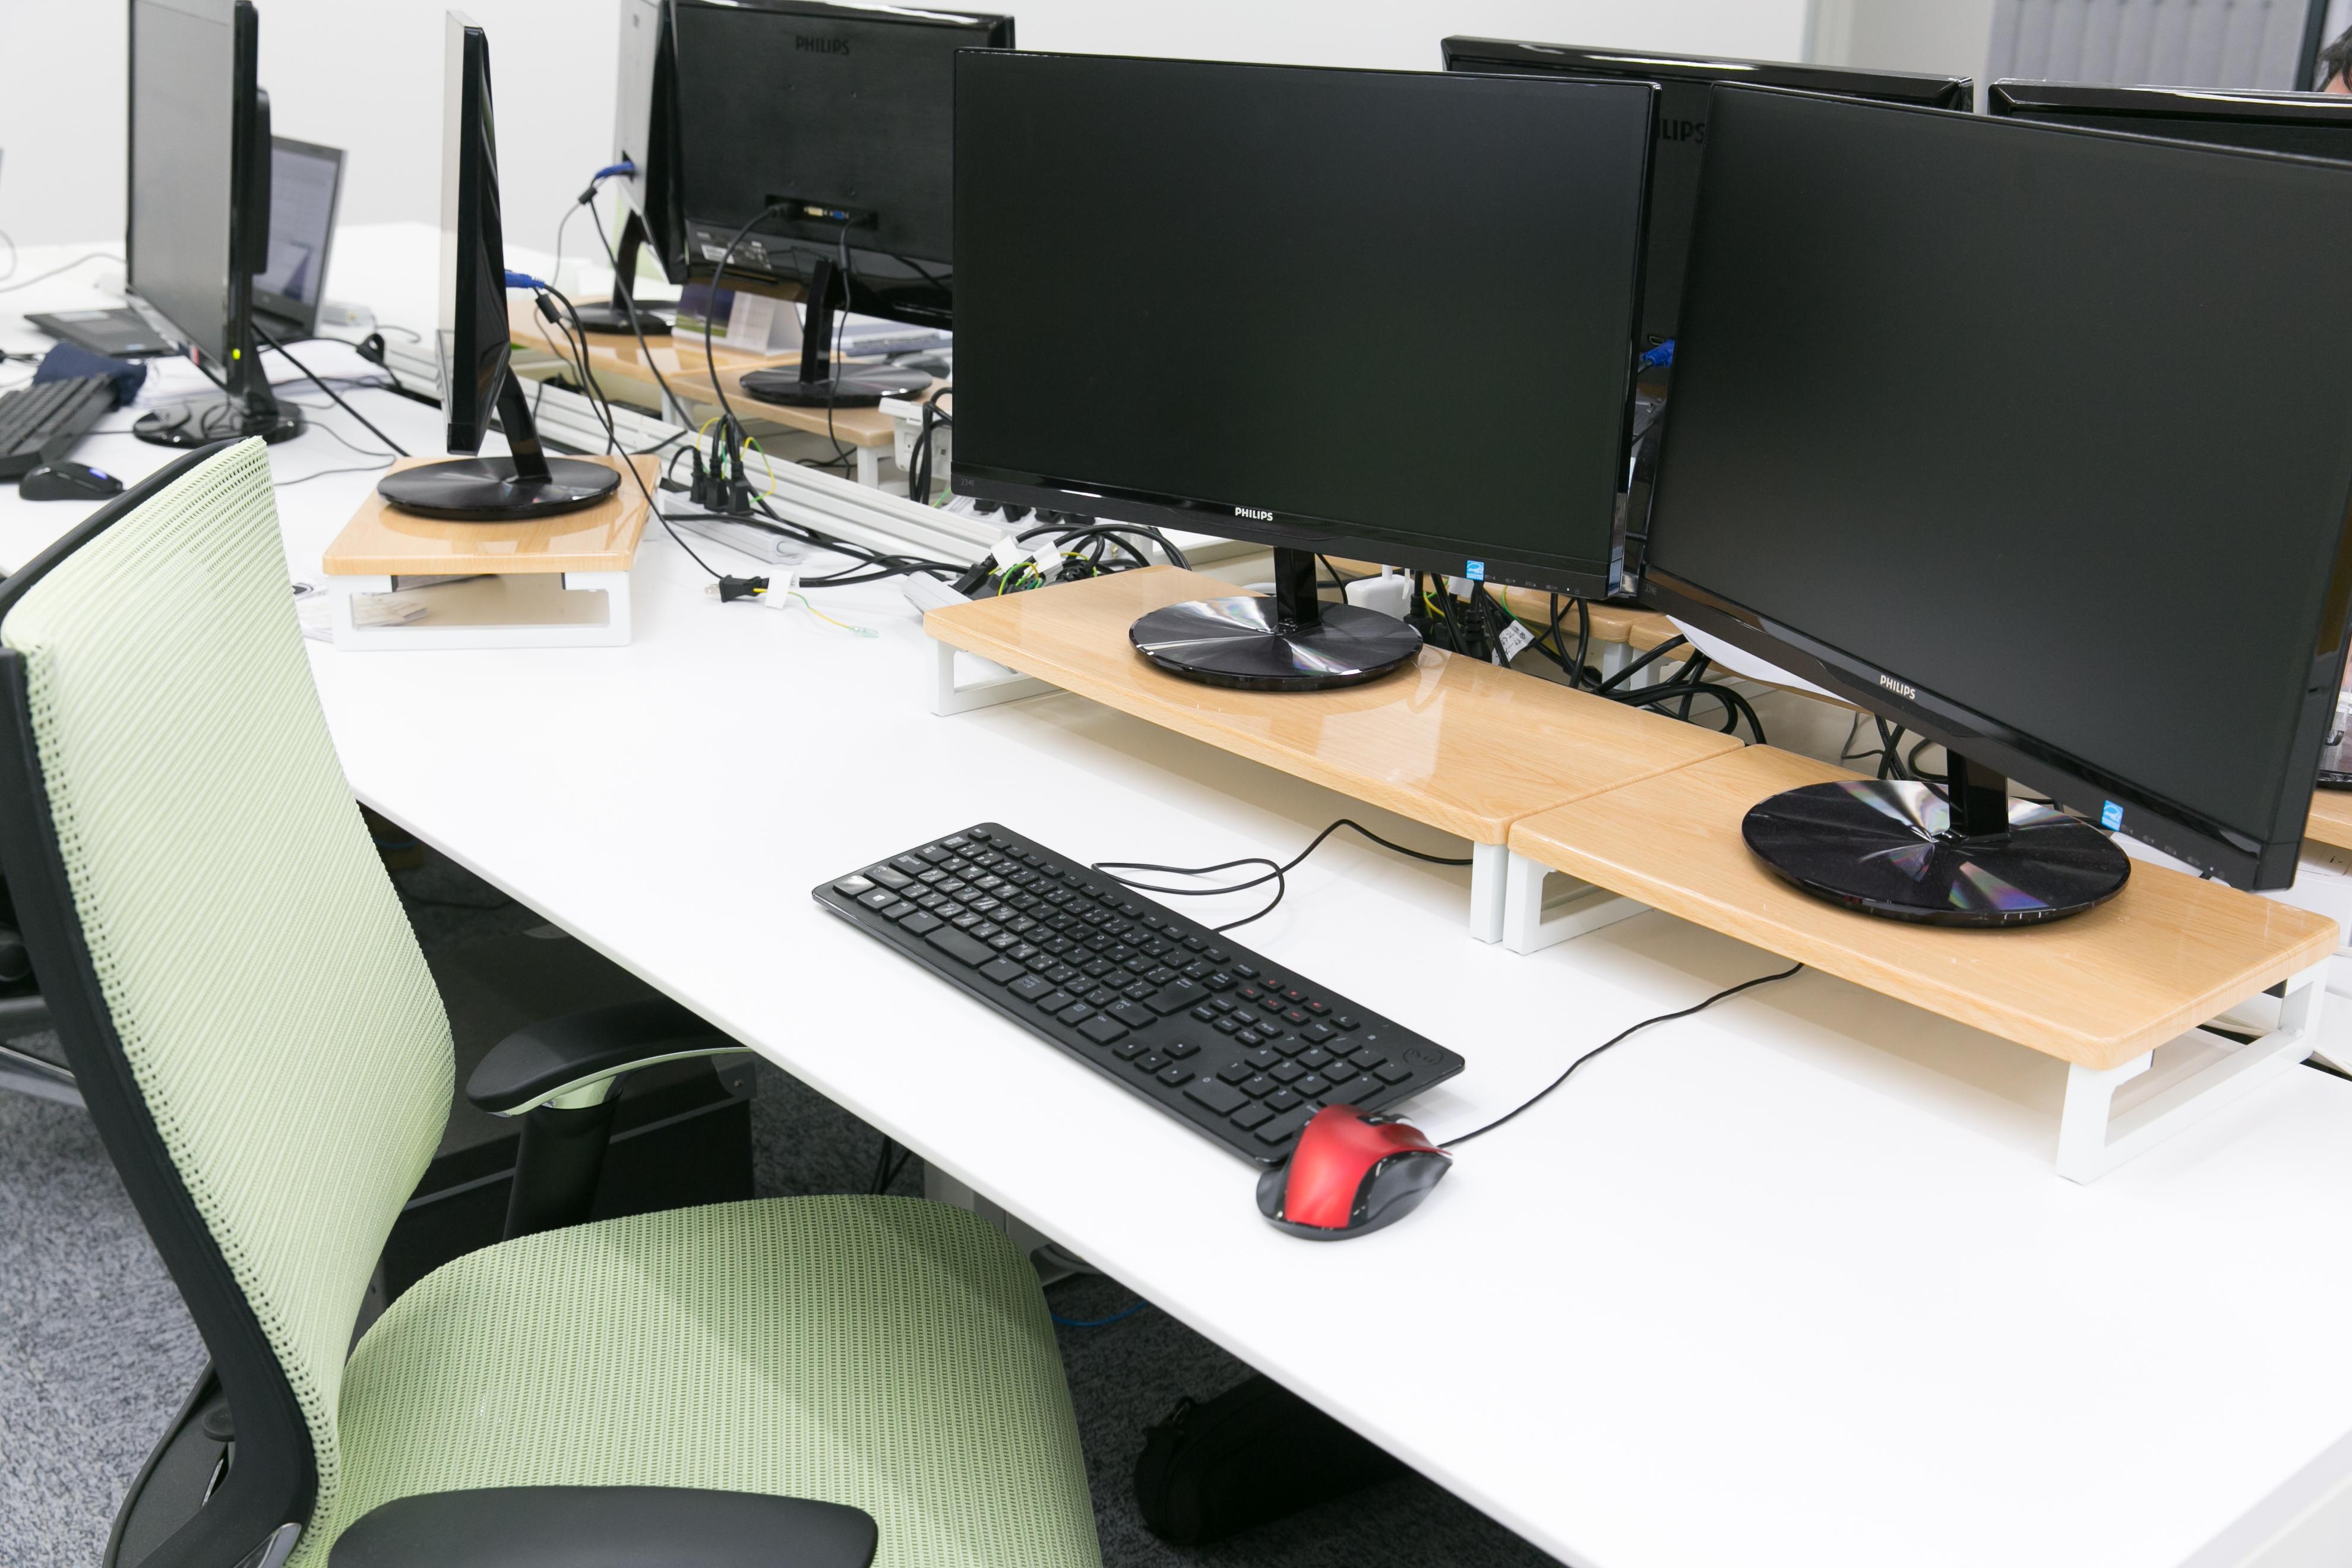 オフィスの環境は?